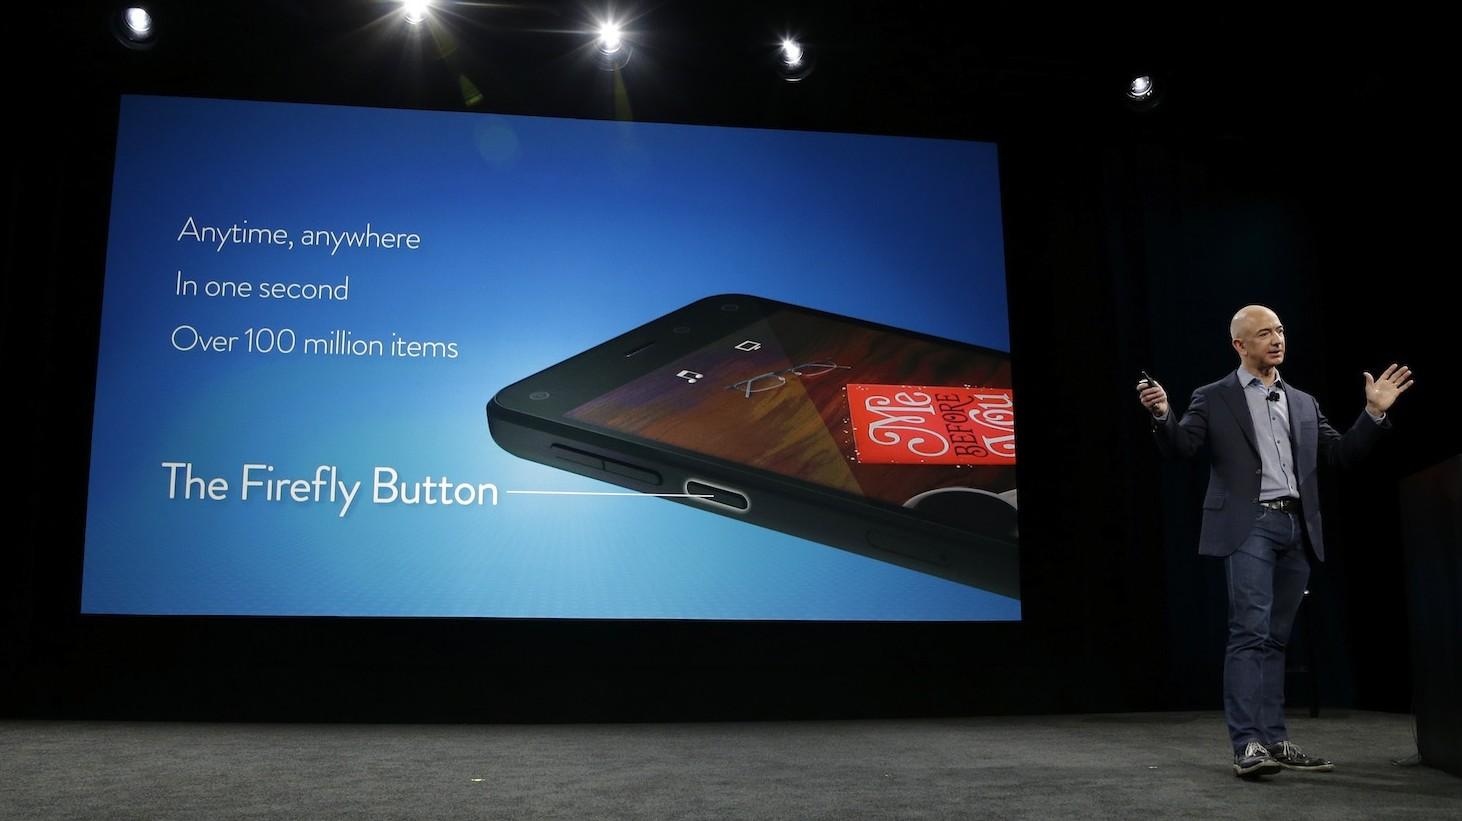 Amazon Firefly - Fire Phone 32GB không khoá có giá 199 USD